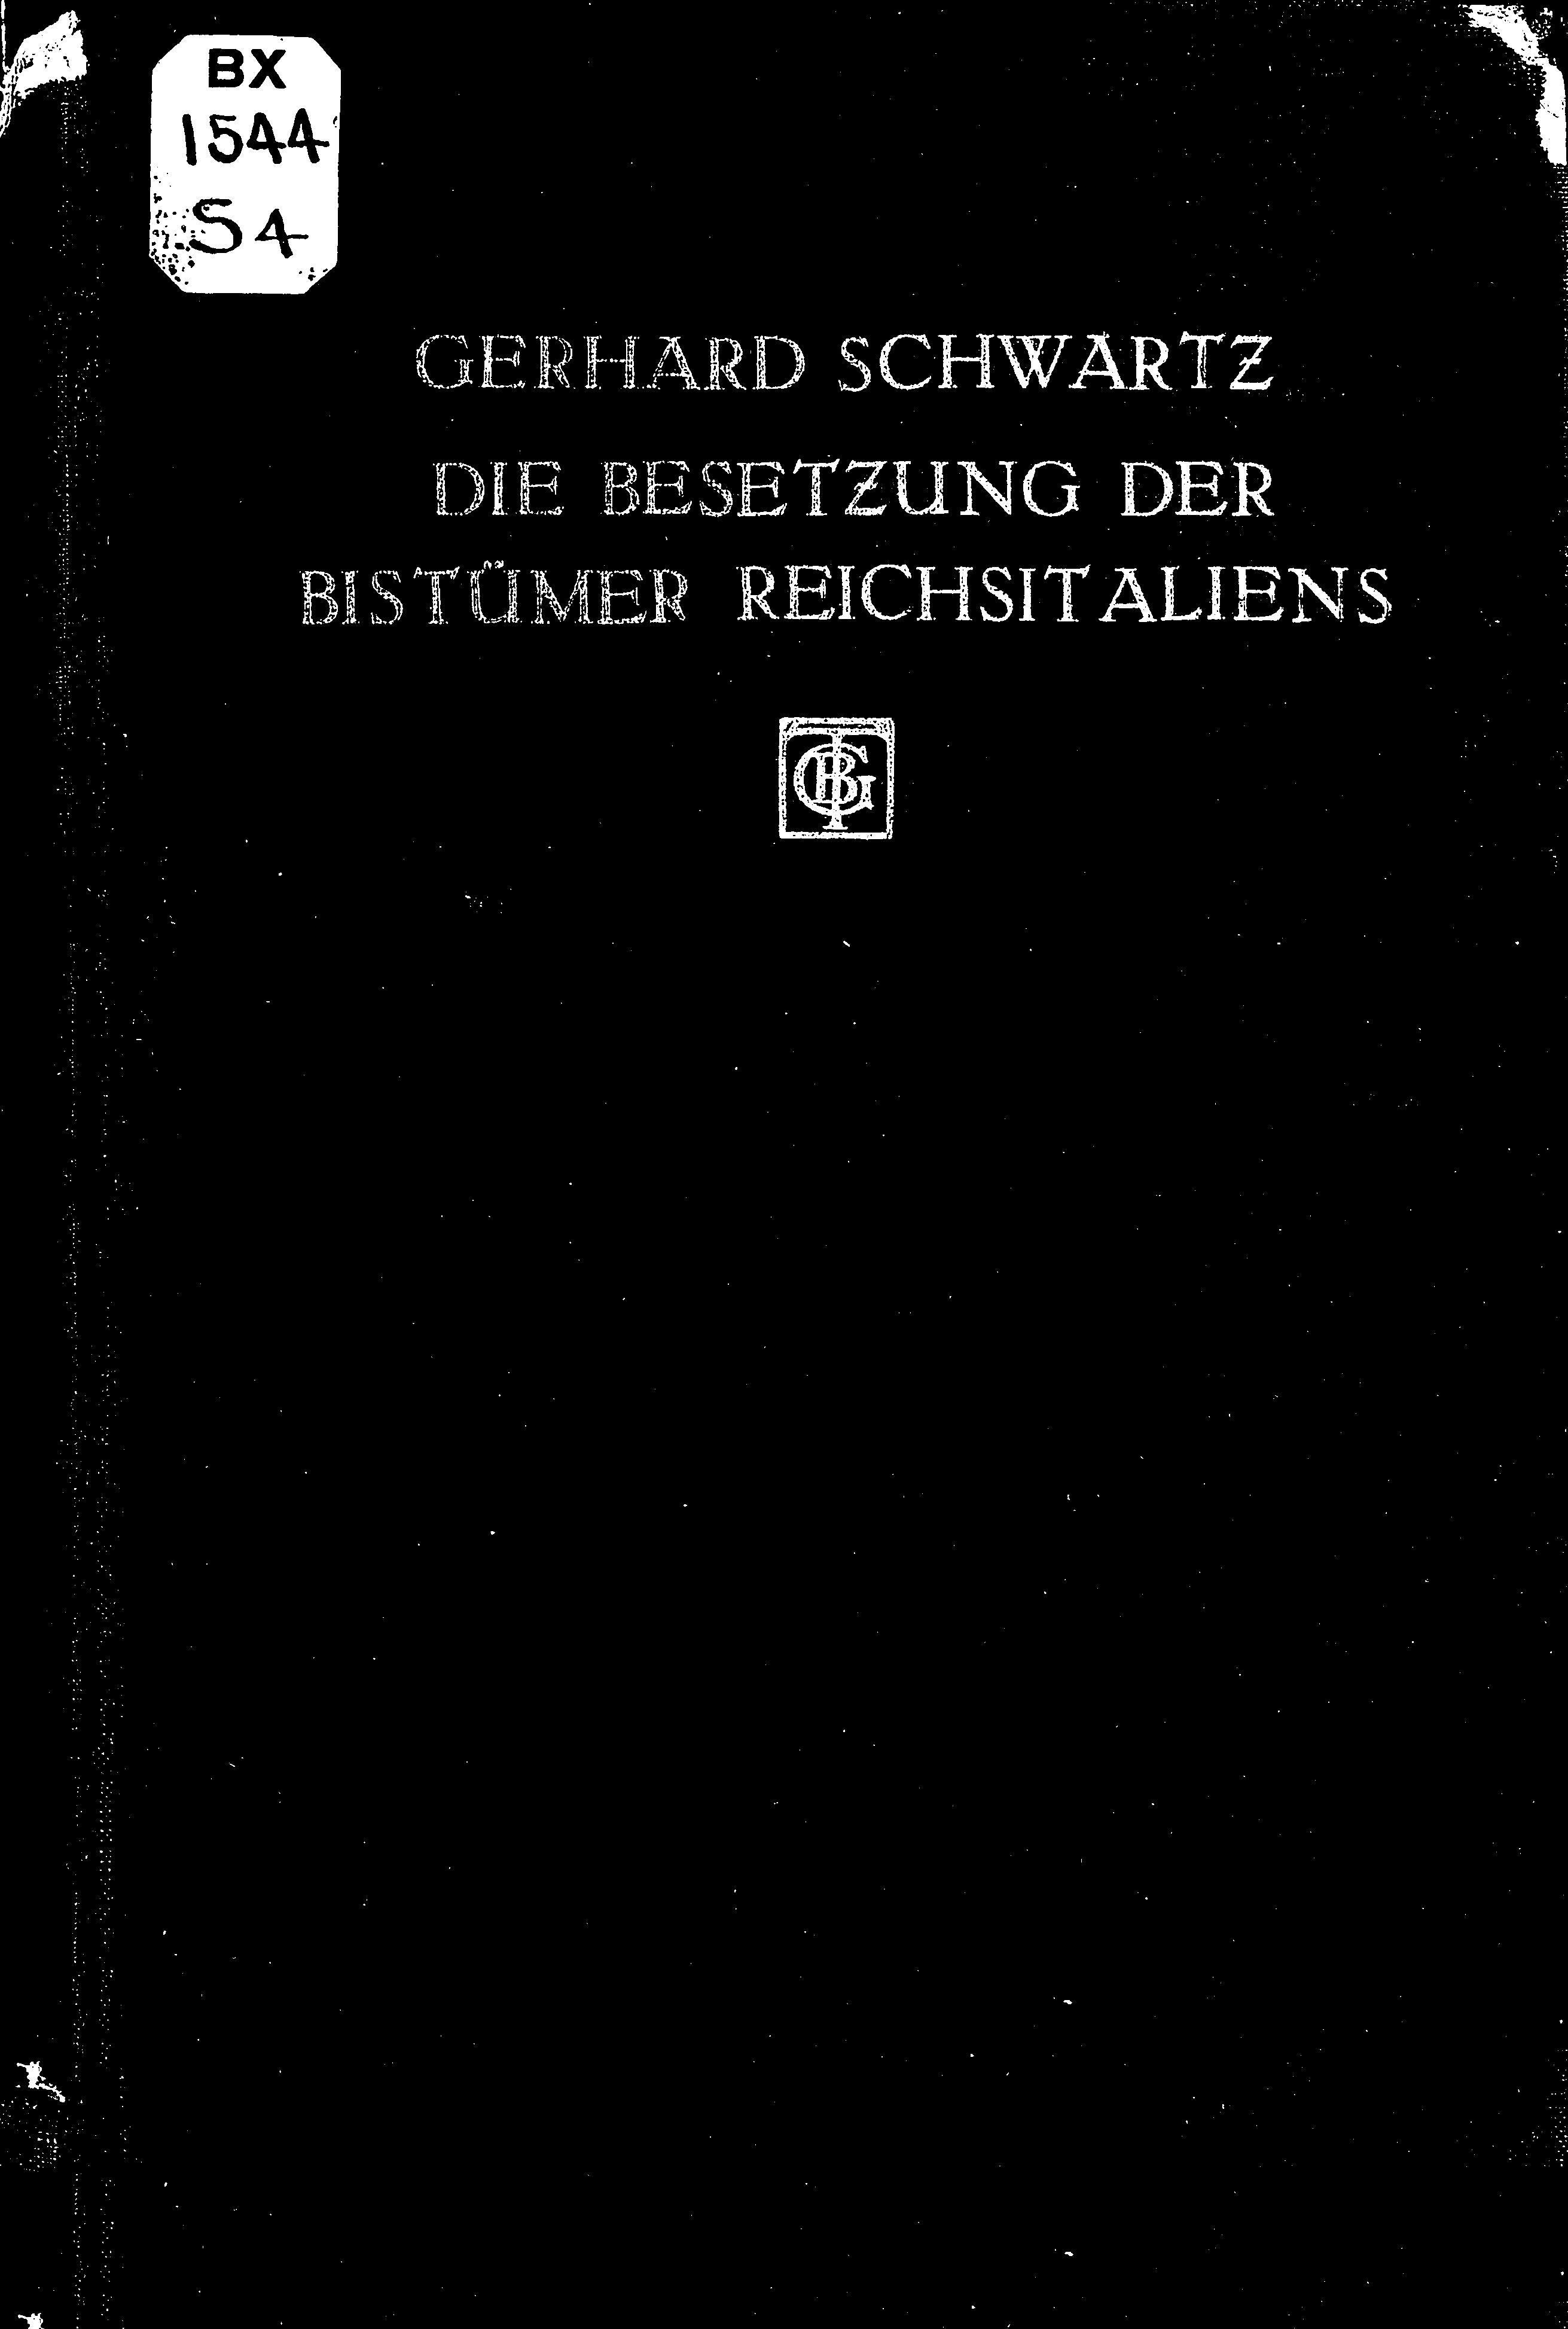 Cover of: Die Besetzung der Bistümer Reichsitaliens unter den sächsischen und salischen Kaisern   von Gerhard Schwartz.